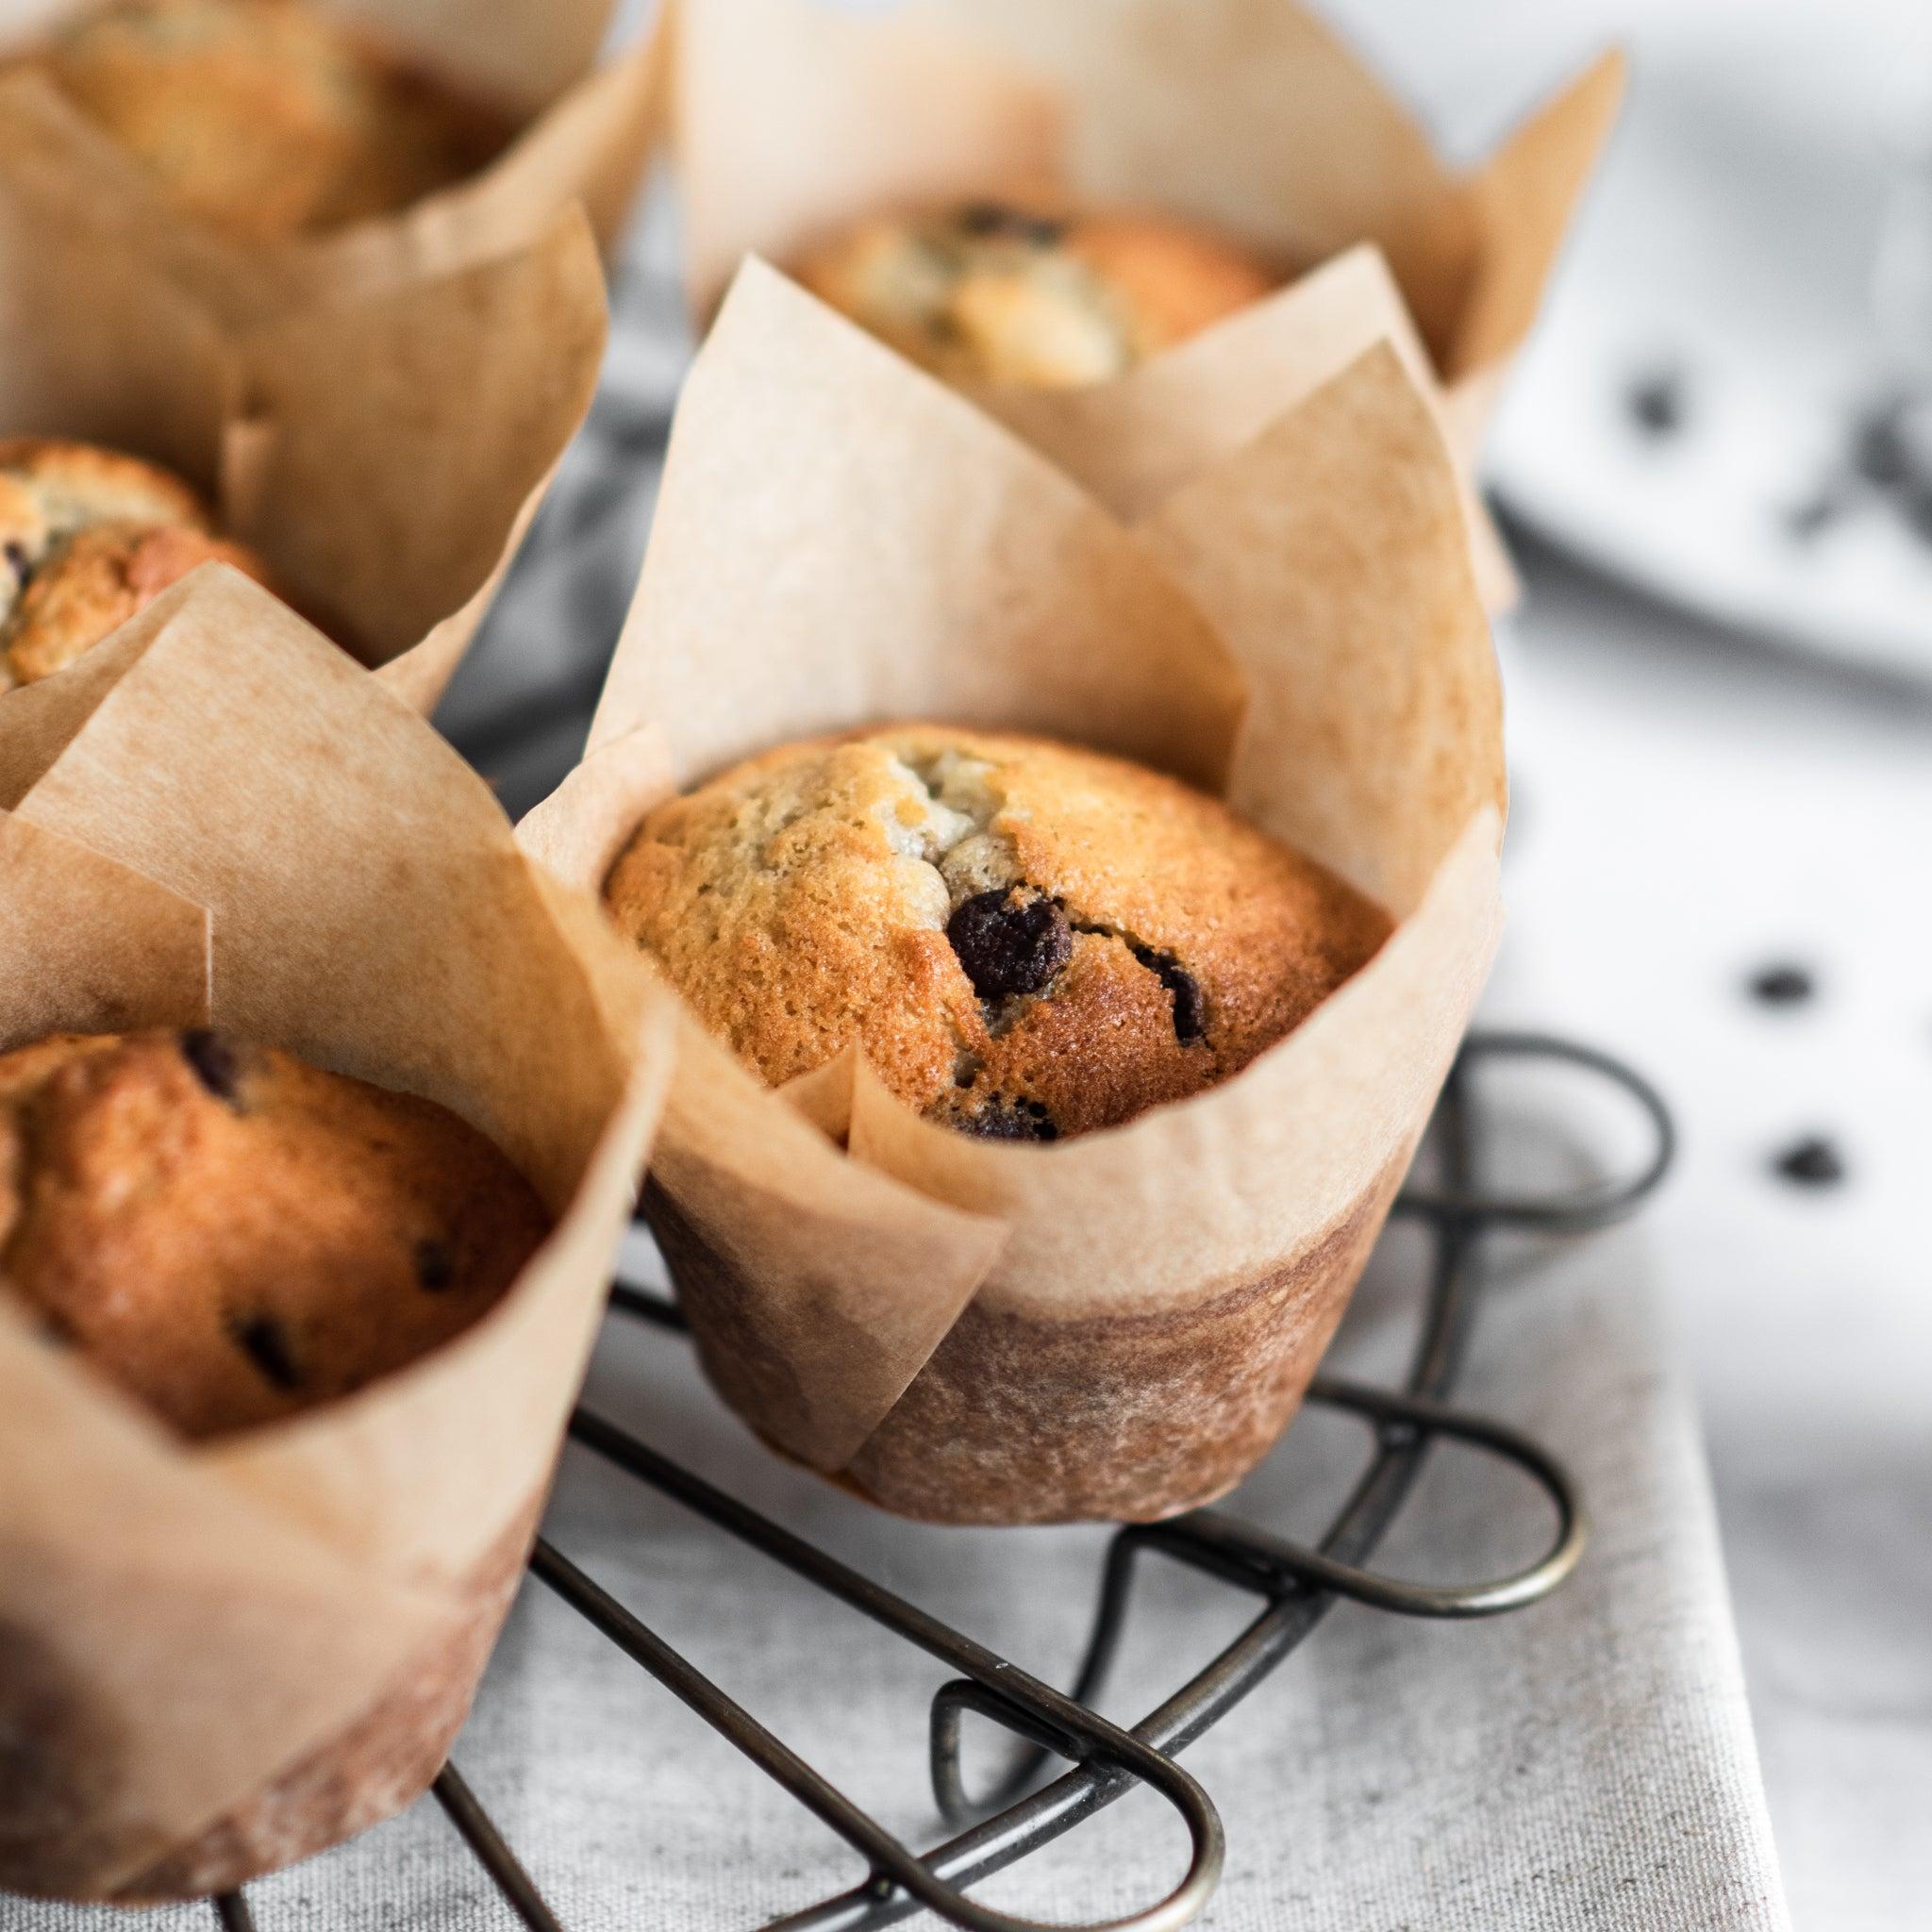 Banana-Chocolate-Chip-Muffins-SQUARE-5.jpg